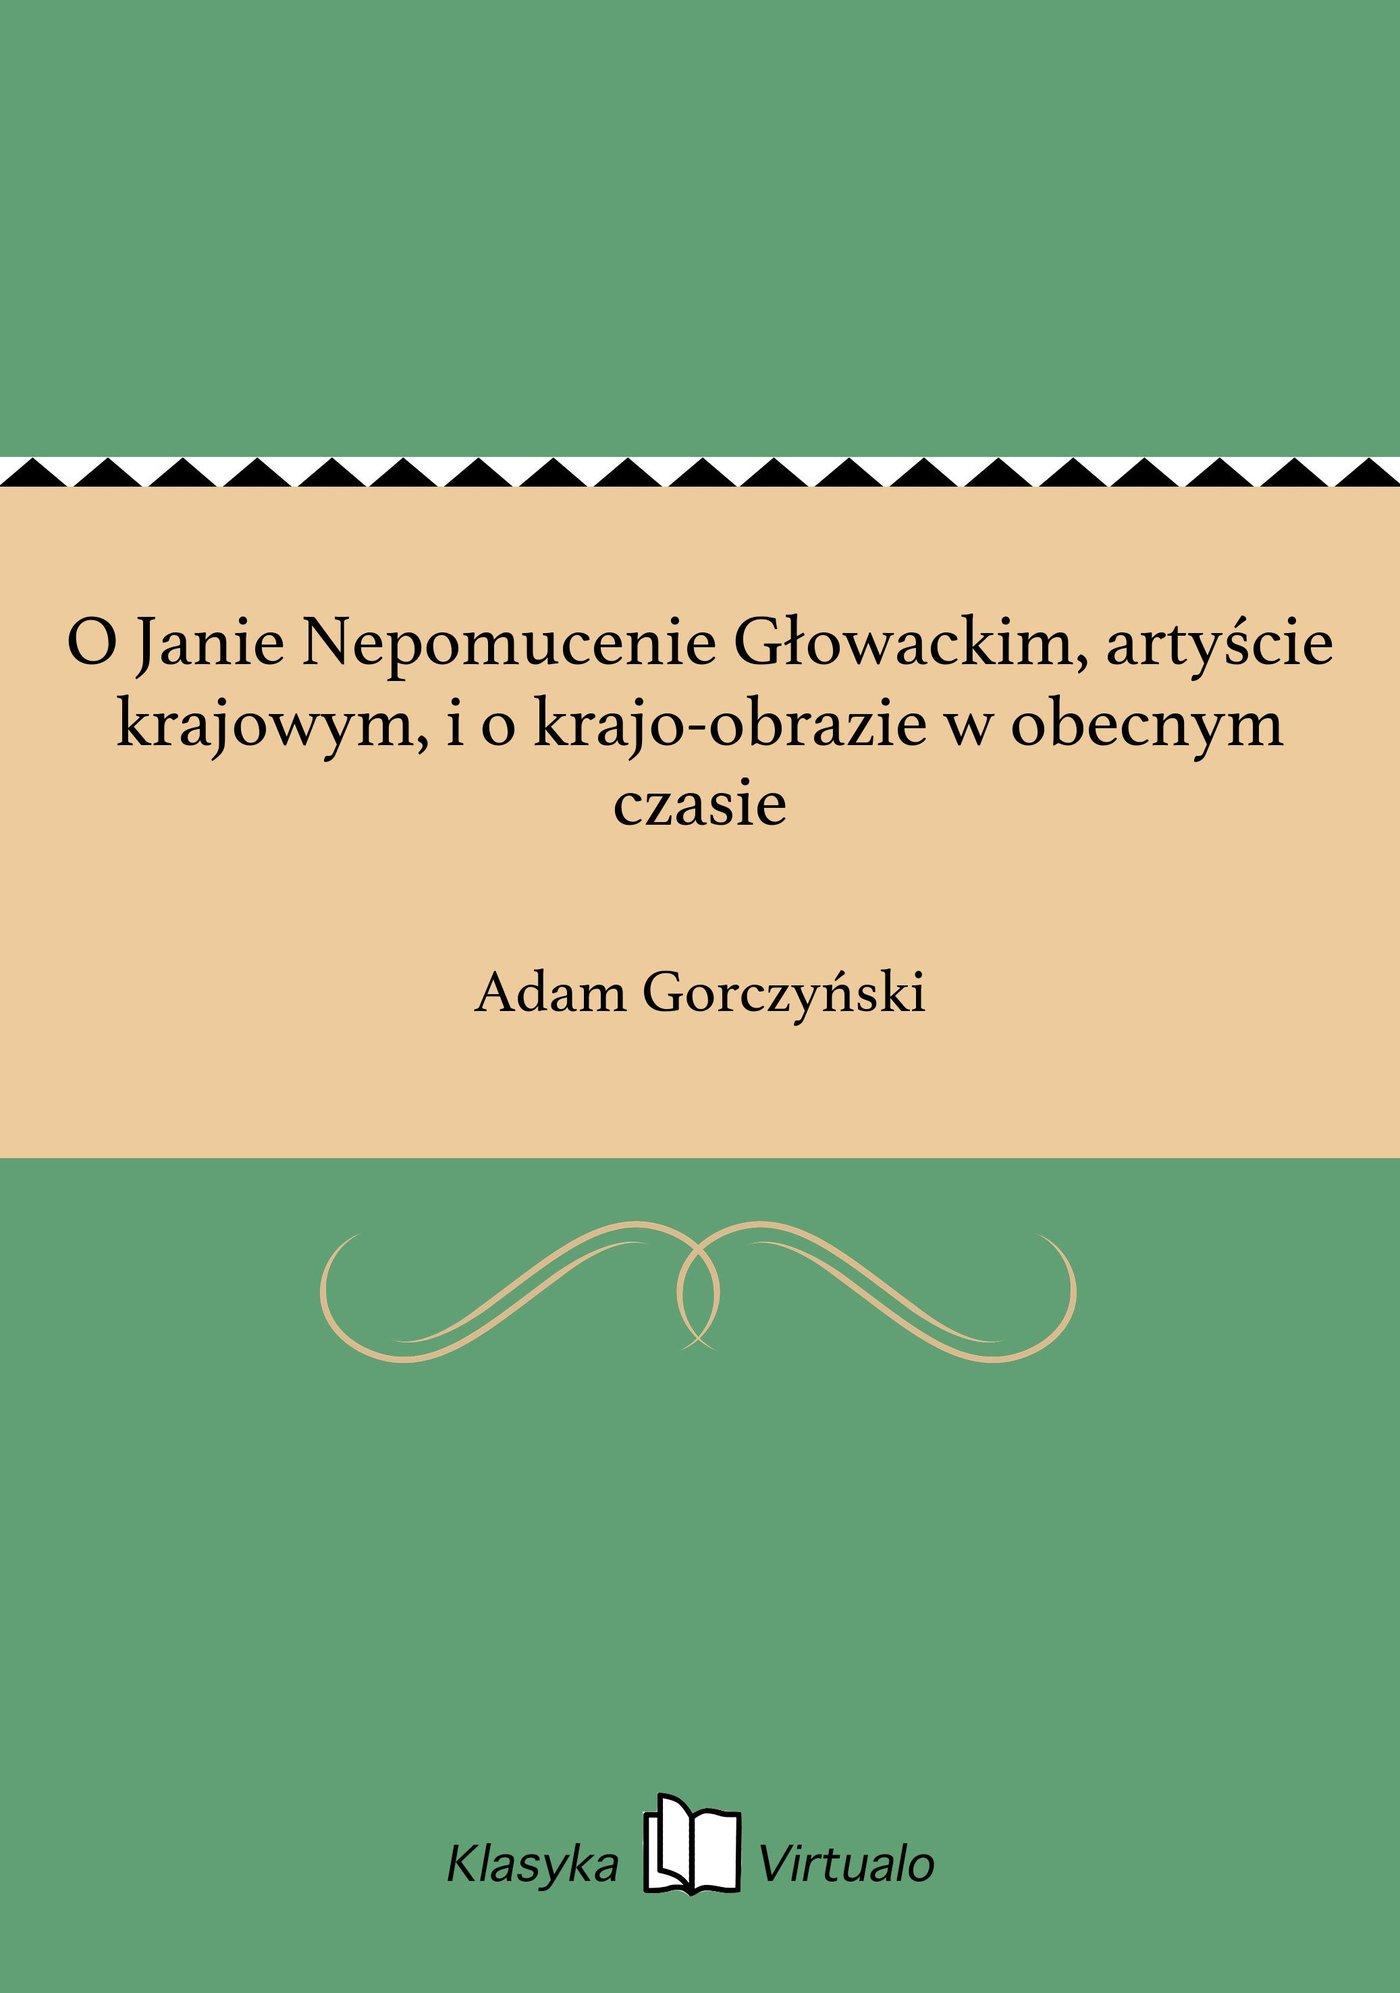 O Janie Nepomucenie Głowackim, artyście krajowym, i o krajo-obrazie w obecnym czasie - Ebook (Książka EPUB) do pobrania w formacie EPUB